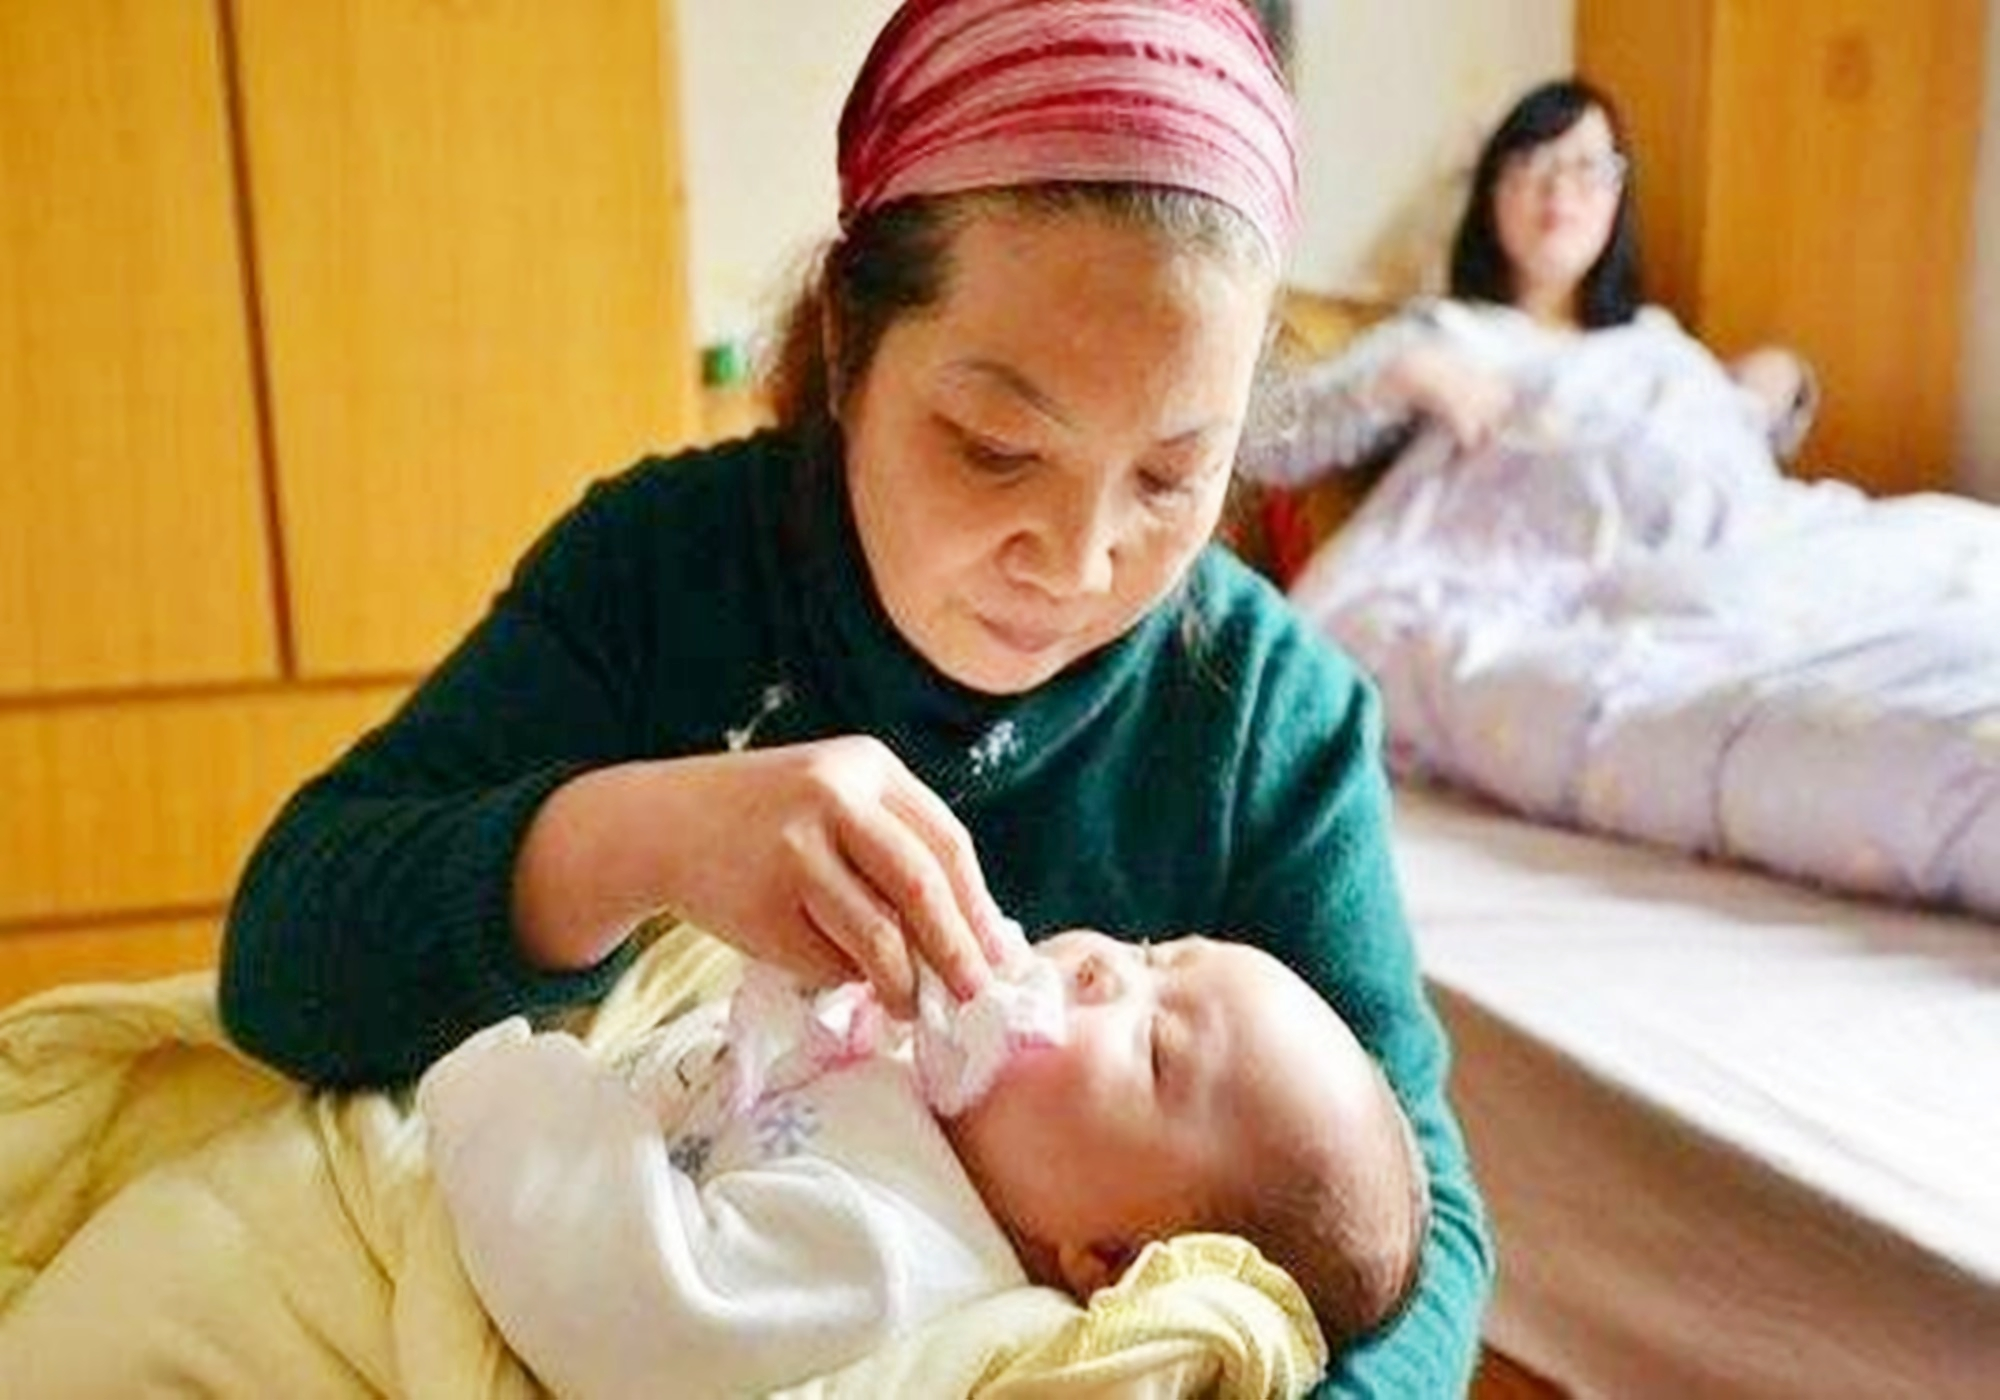 5年前因吃奶太用力,被妈妈剪刀戳脸的男婴,现状让人很欣慰